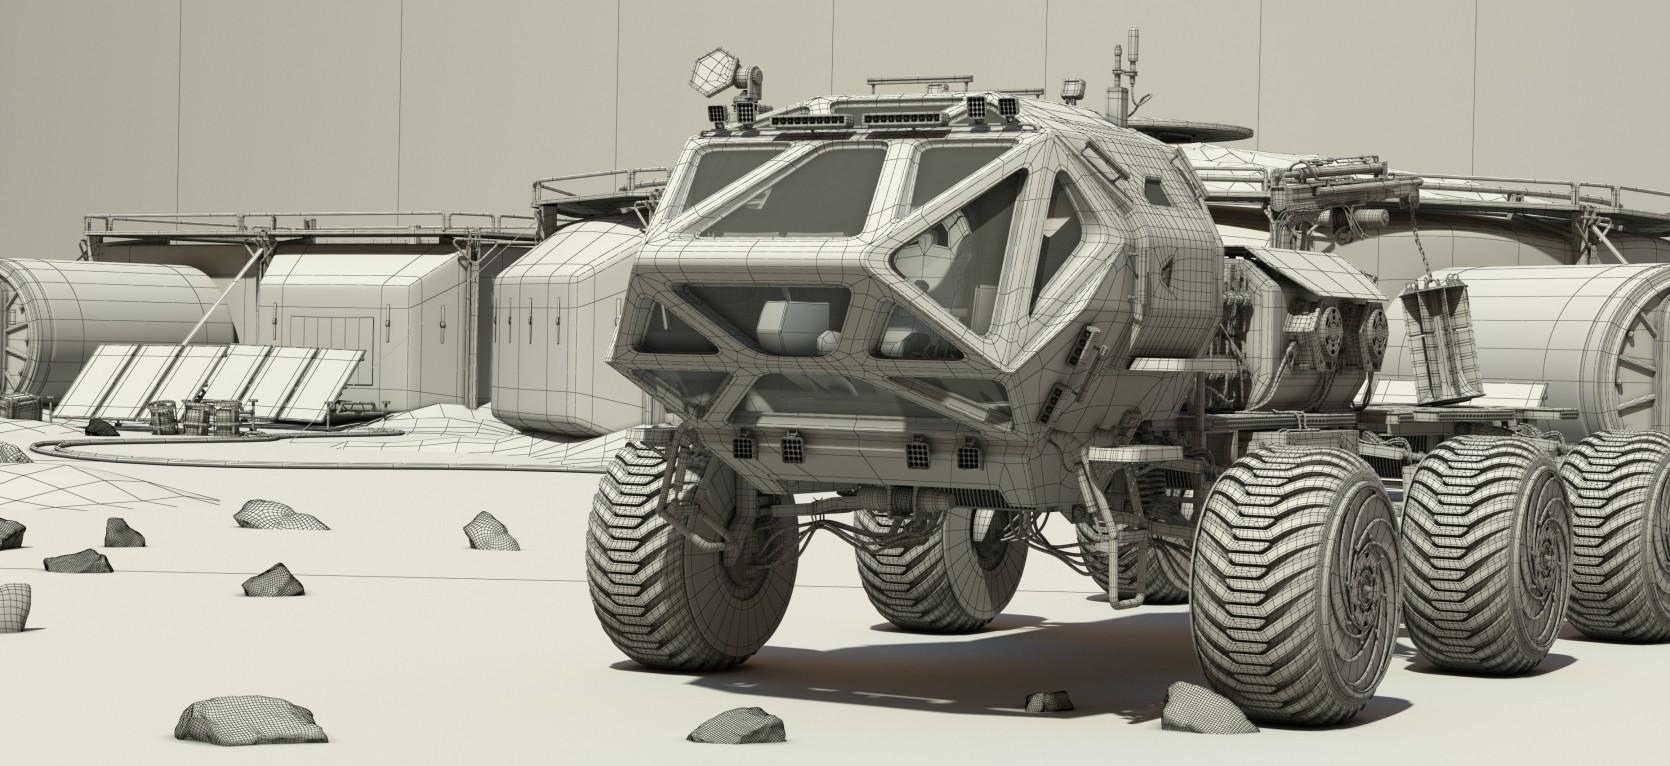 The Martian Rover 2.